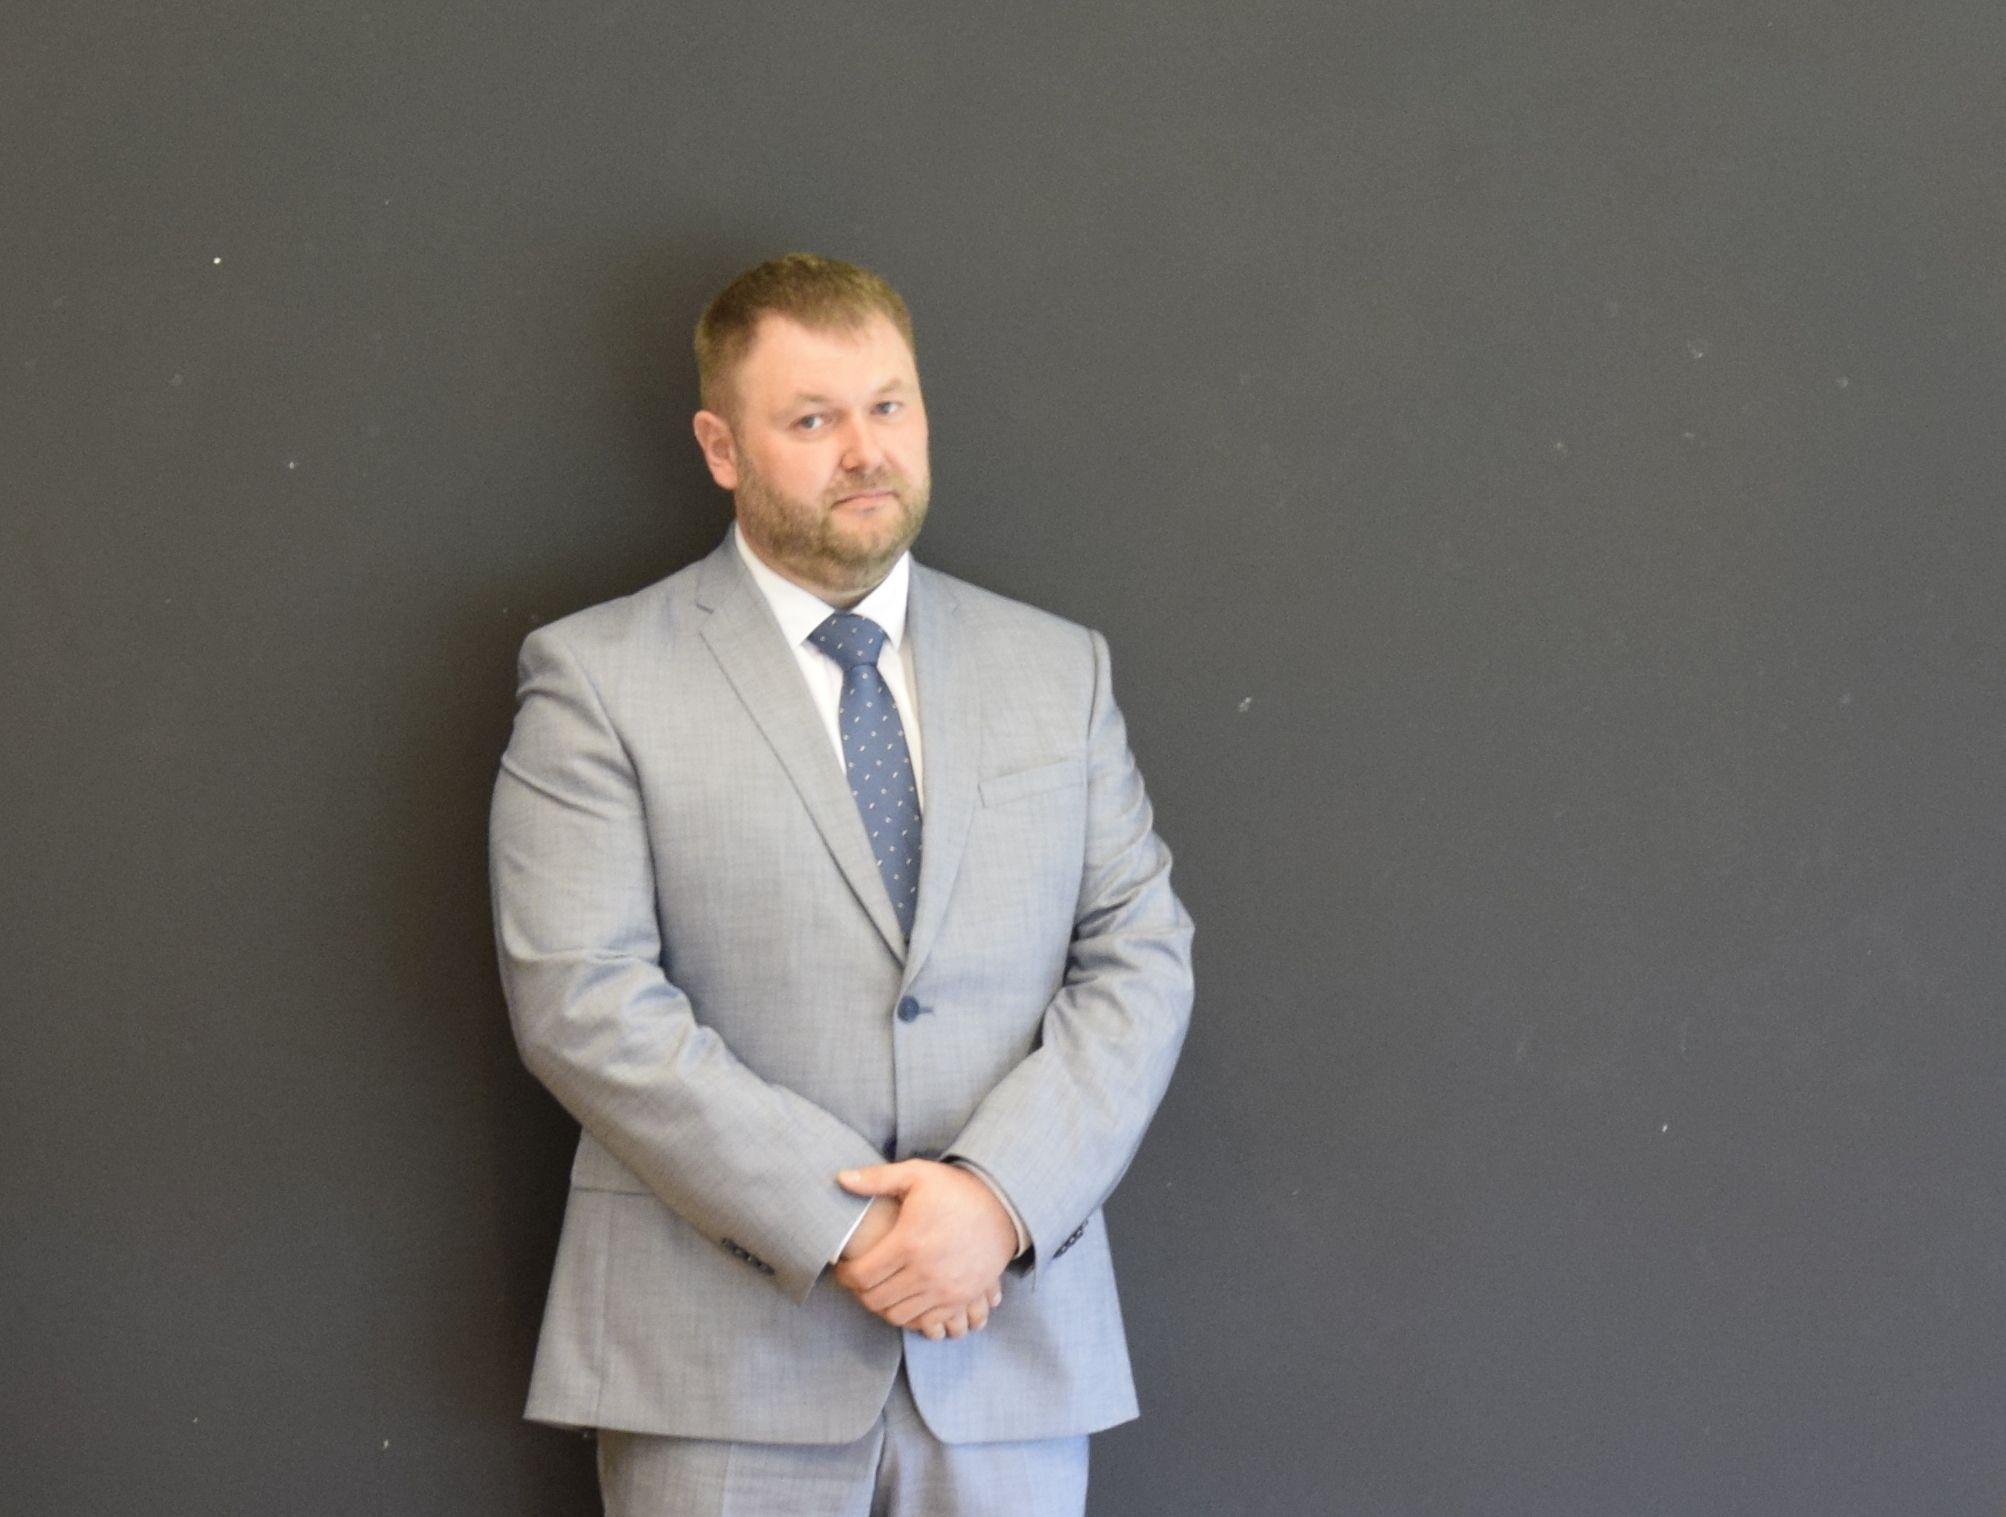 Keskkonnaminister Rene Kokk. Janek Jõgisaar, Bioneer.ee